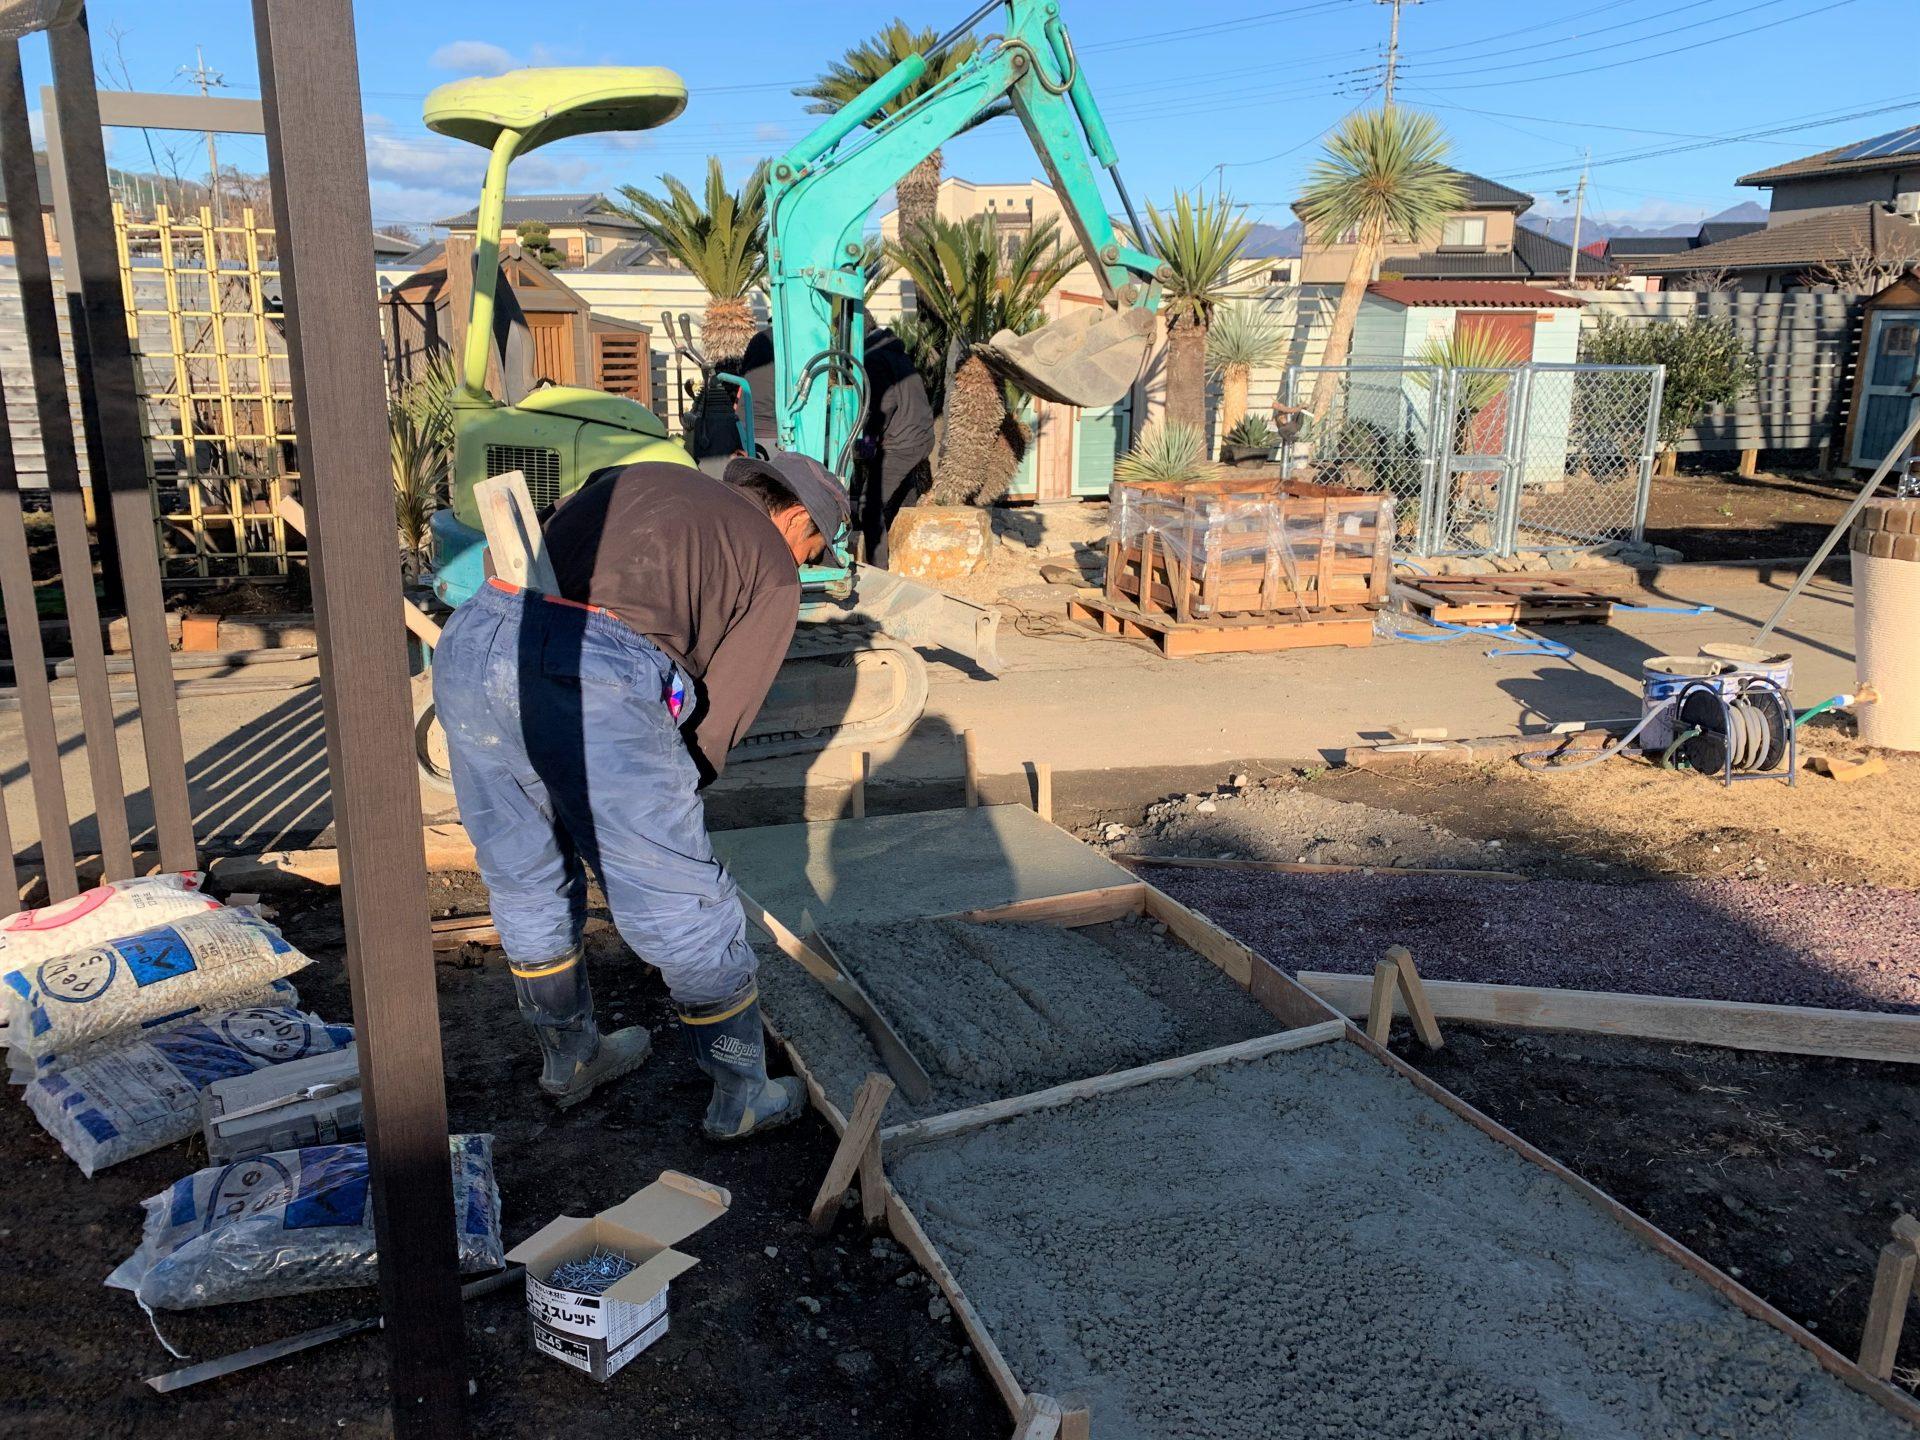 土間コンクリートをならす作業をしているところ